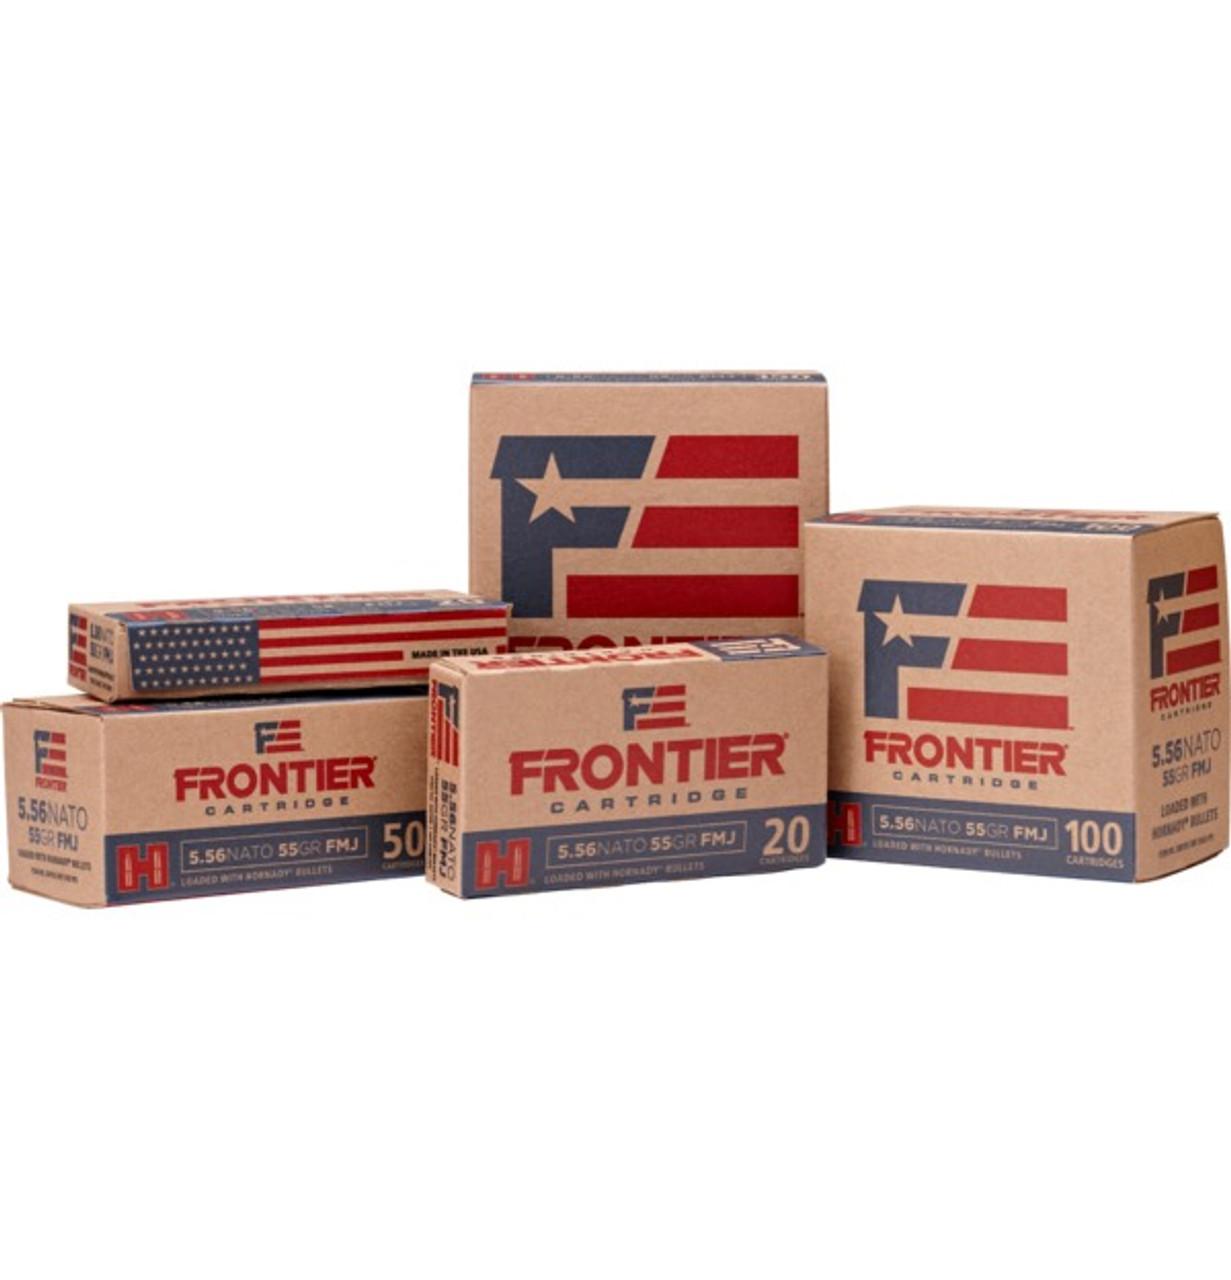 Hornady Frontier 223 Remington 68 gr BTHP Match 500 rounds - FR160 ammunition 10090255711384